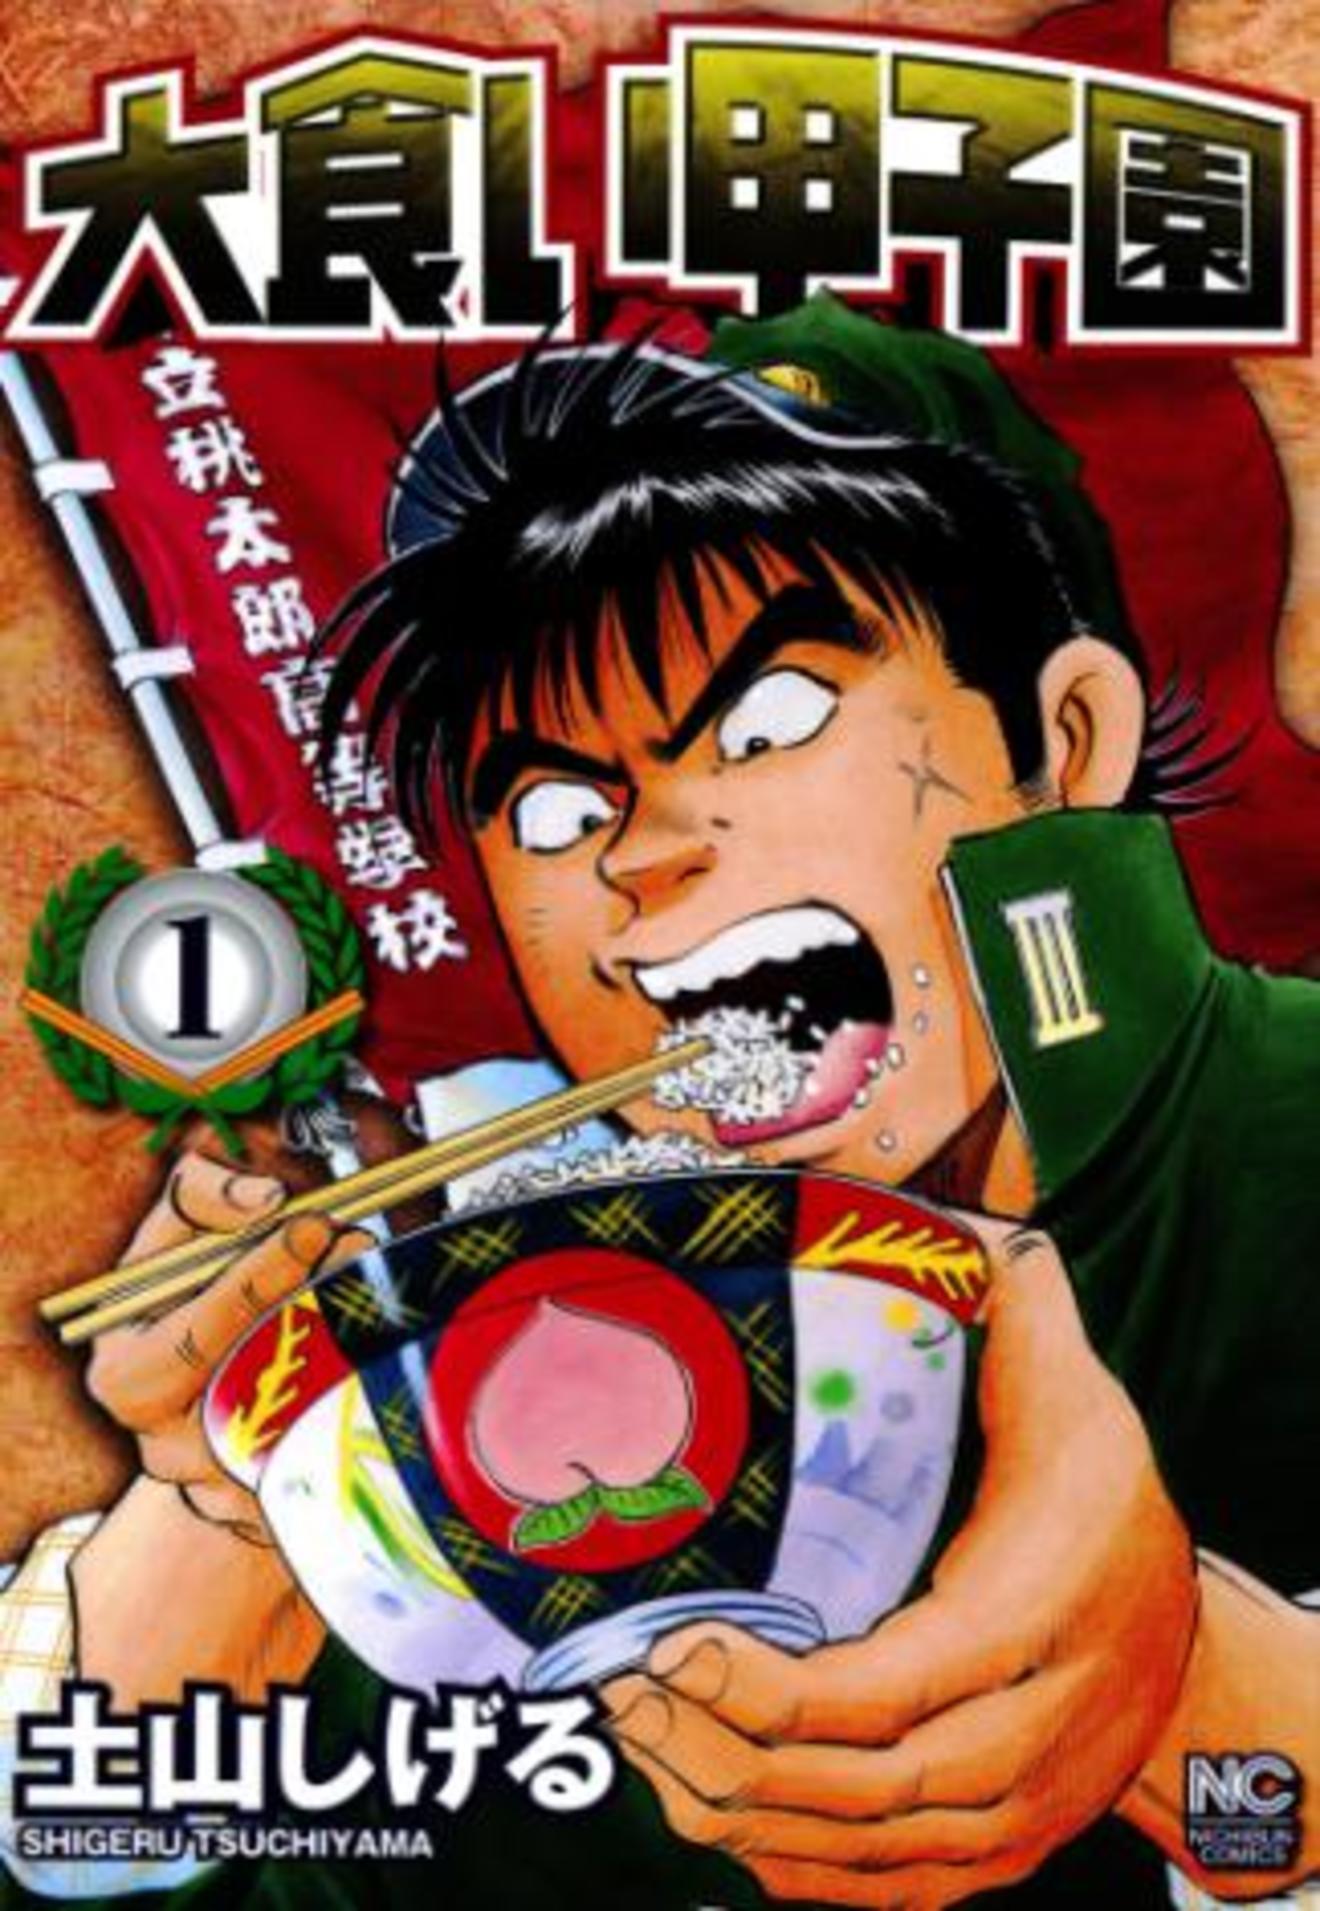 漫画『大食い甲子園』が無料で読める!大食い部の活躍をネタバレ紹介!